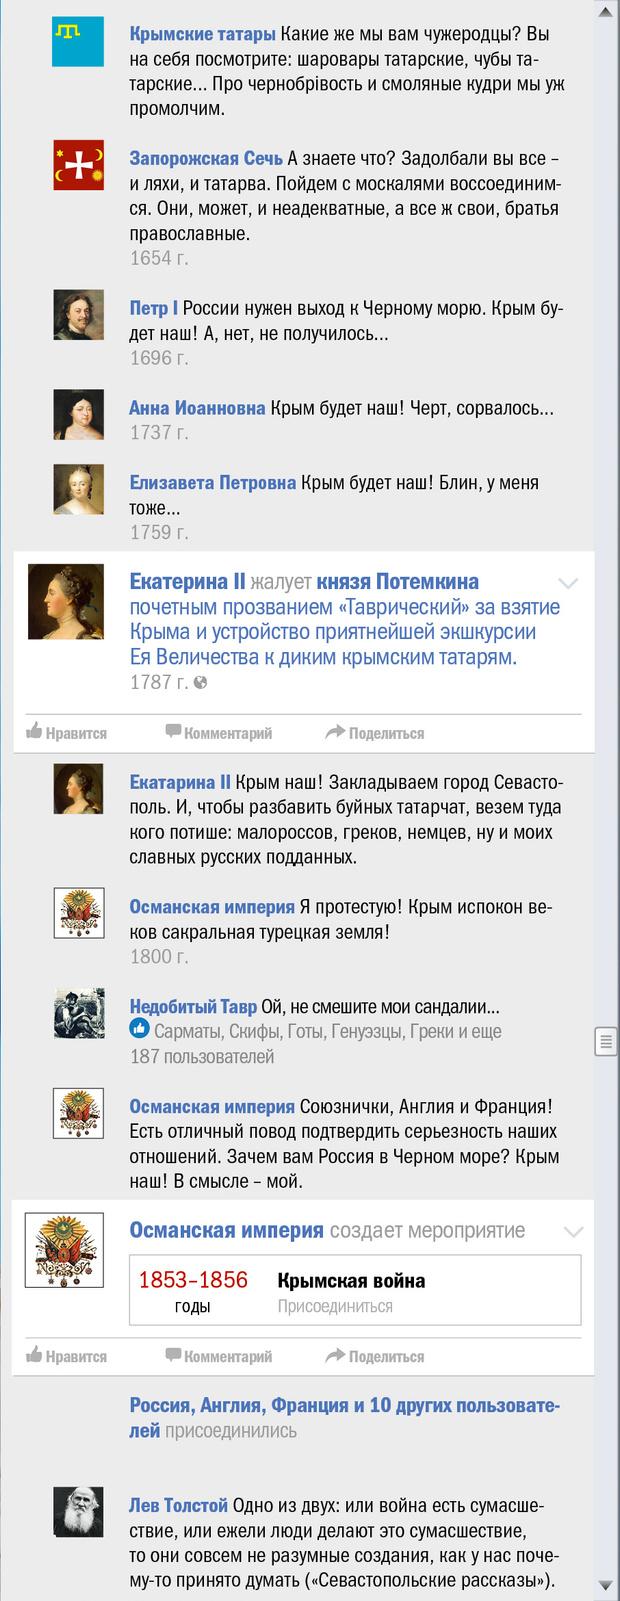 Фото №9 - Крым чей? Правдивая история Крыма в виде ленты «Фейсбука»